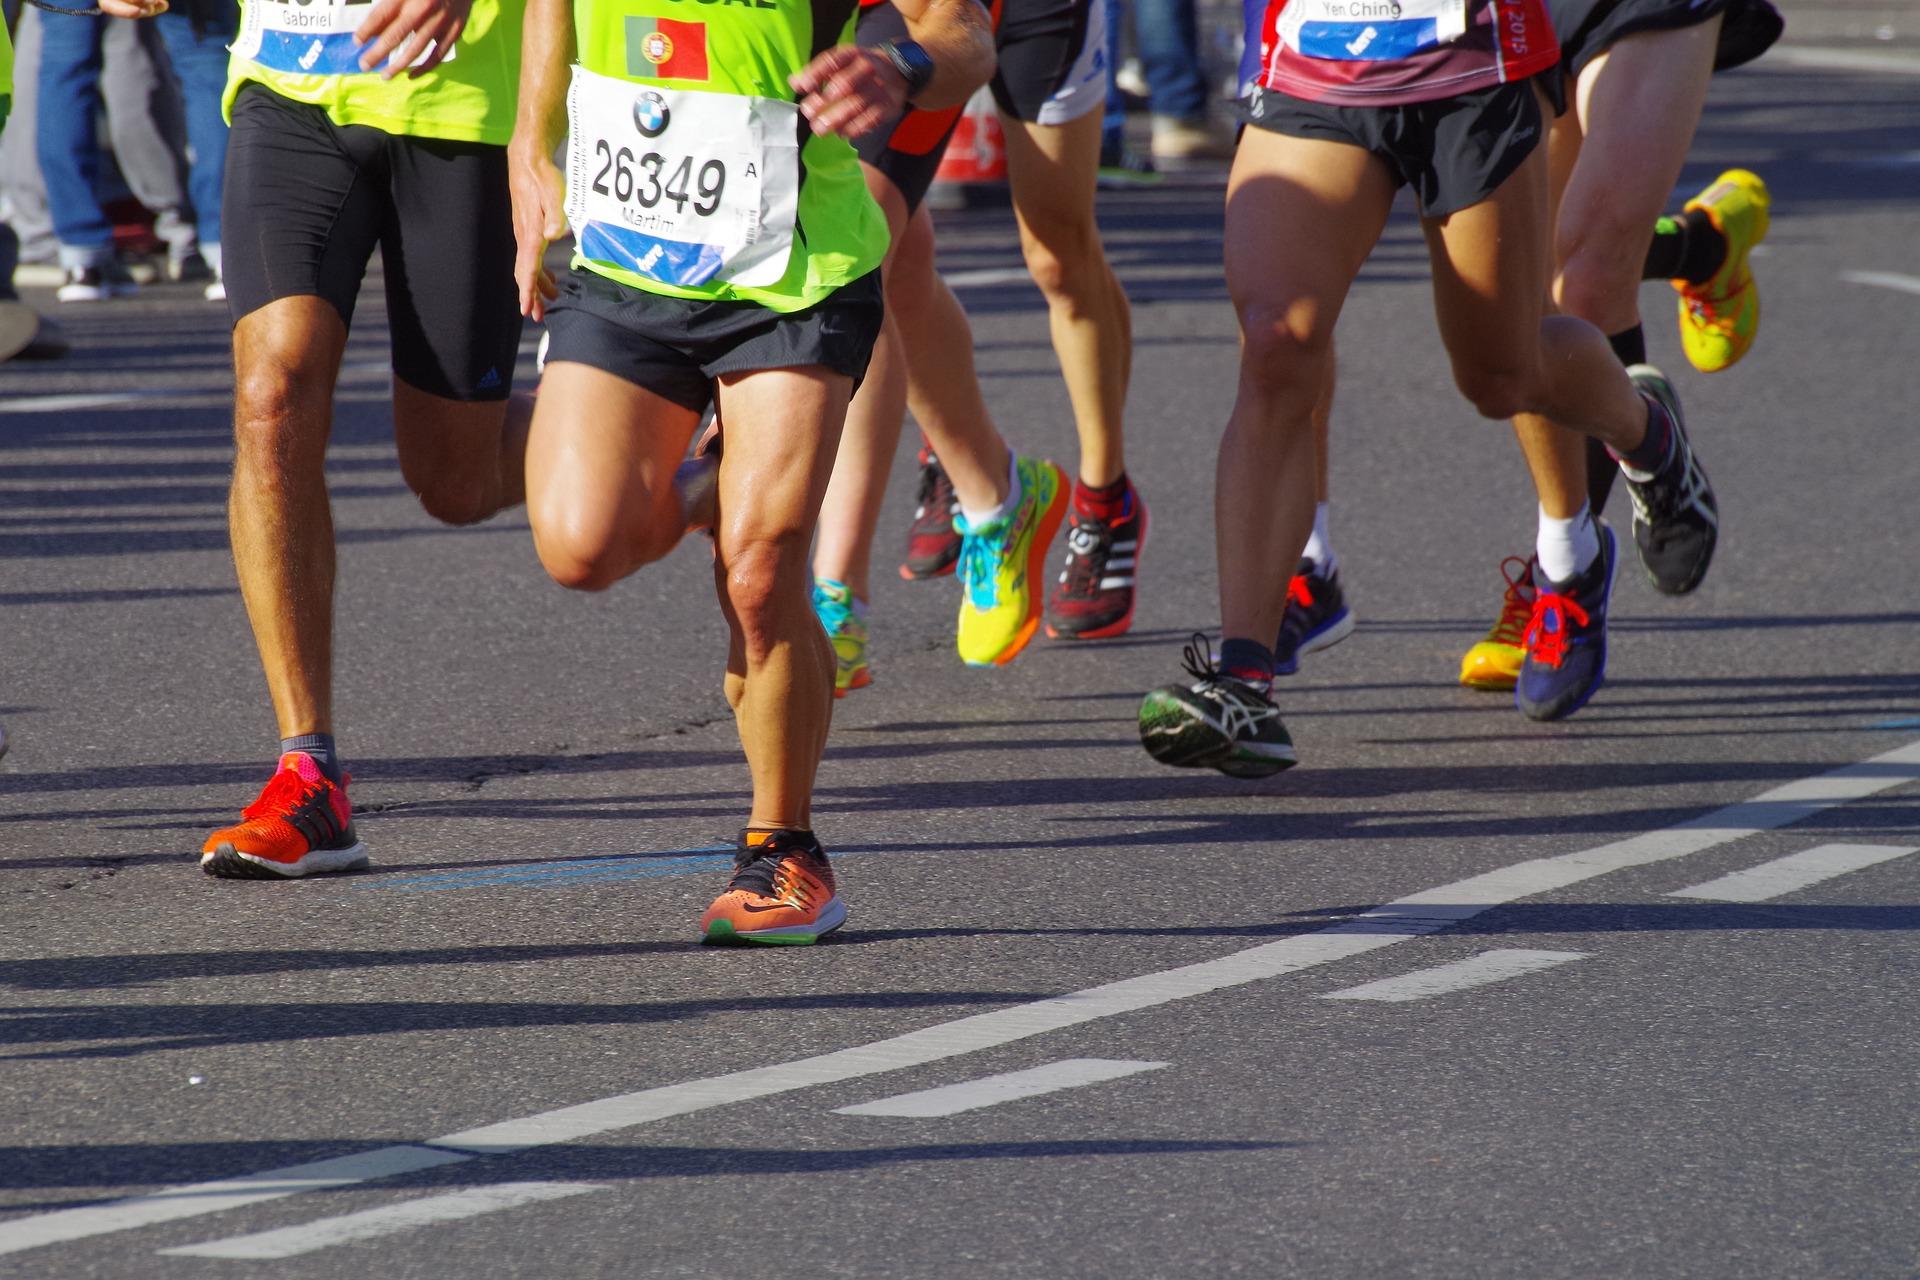 マラソン大会に向けてのトレーニング!自身のランニングフォームと向きあおう!